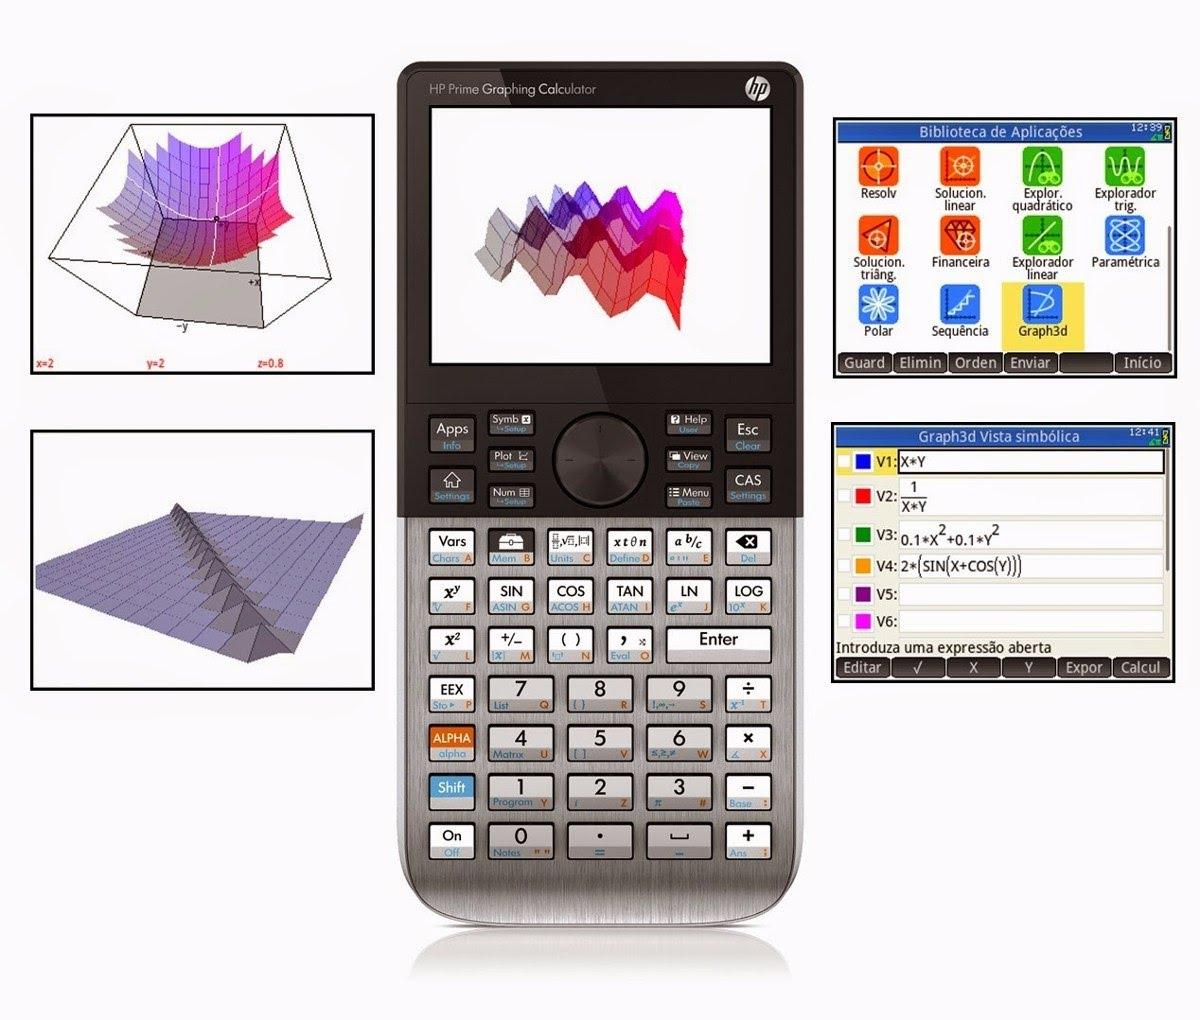 conserto de calculadoras hp, sharp, procalc.